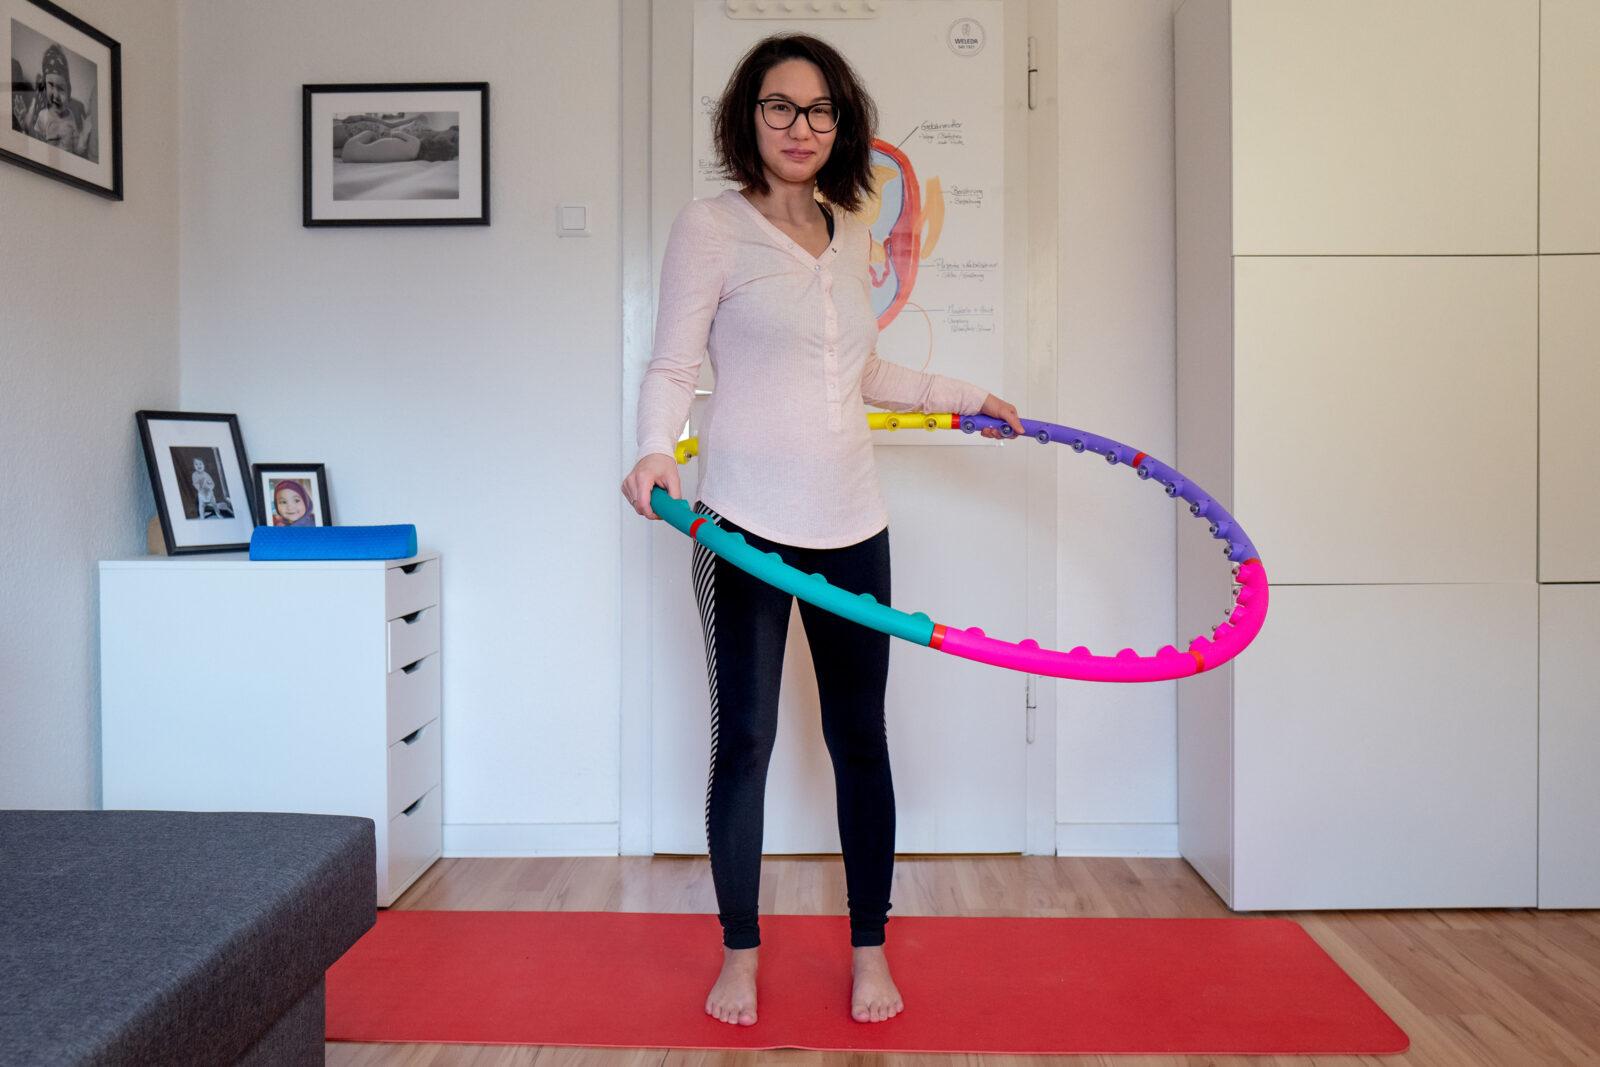 Ulya mit beim Hula Hoop Training mit einem bunten Reifen